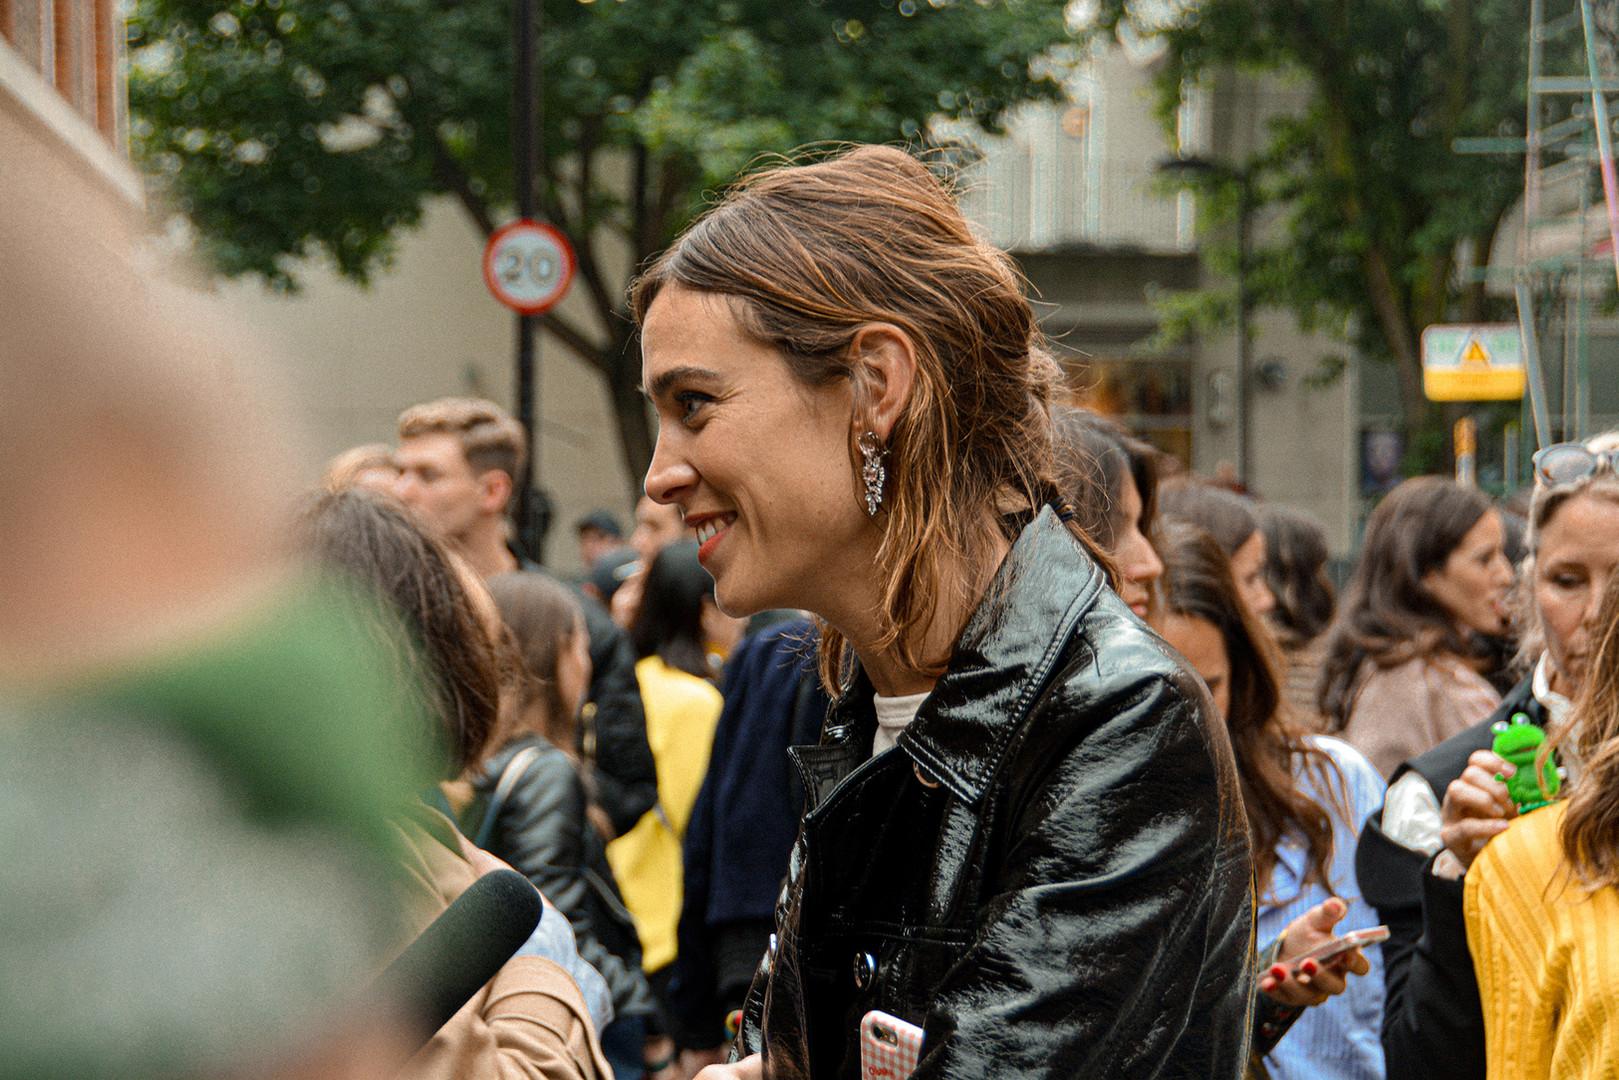 Alexa at Fashion Week